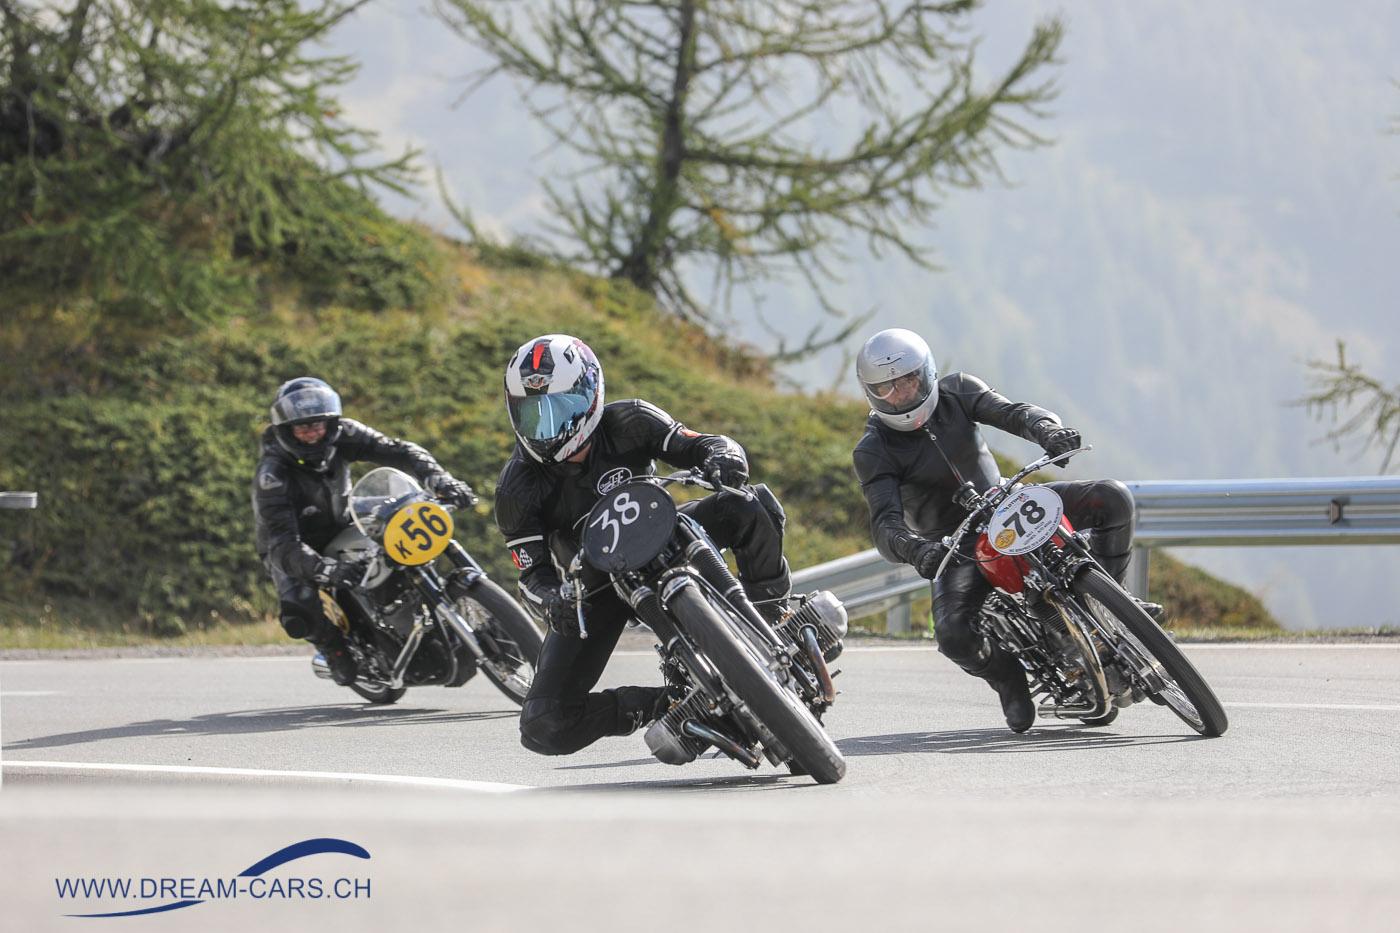 Schräglage gefragt. Die Spitzengruppe der Motorräder beim Posten 17 am Bernina Gran Turismo 2018